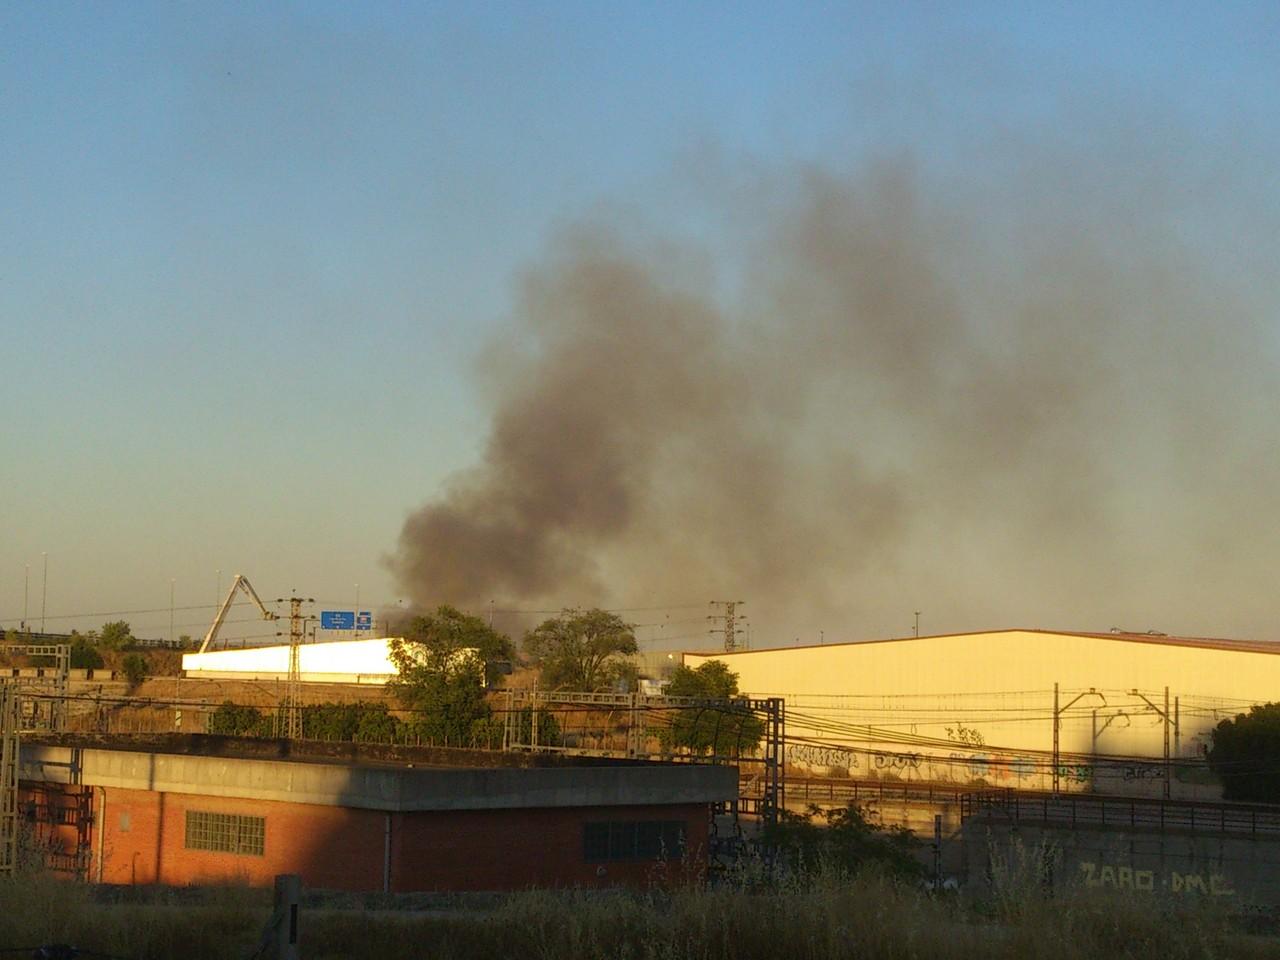 4 de agosto de 2013. Incendio en la empresa de reciclaje de papel CARPA (Imágenes enviadas por Joseba)